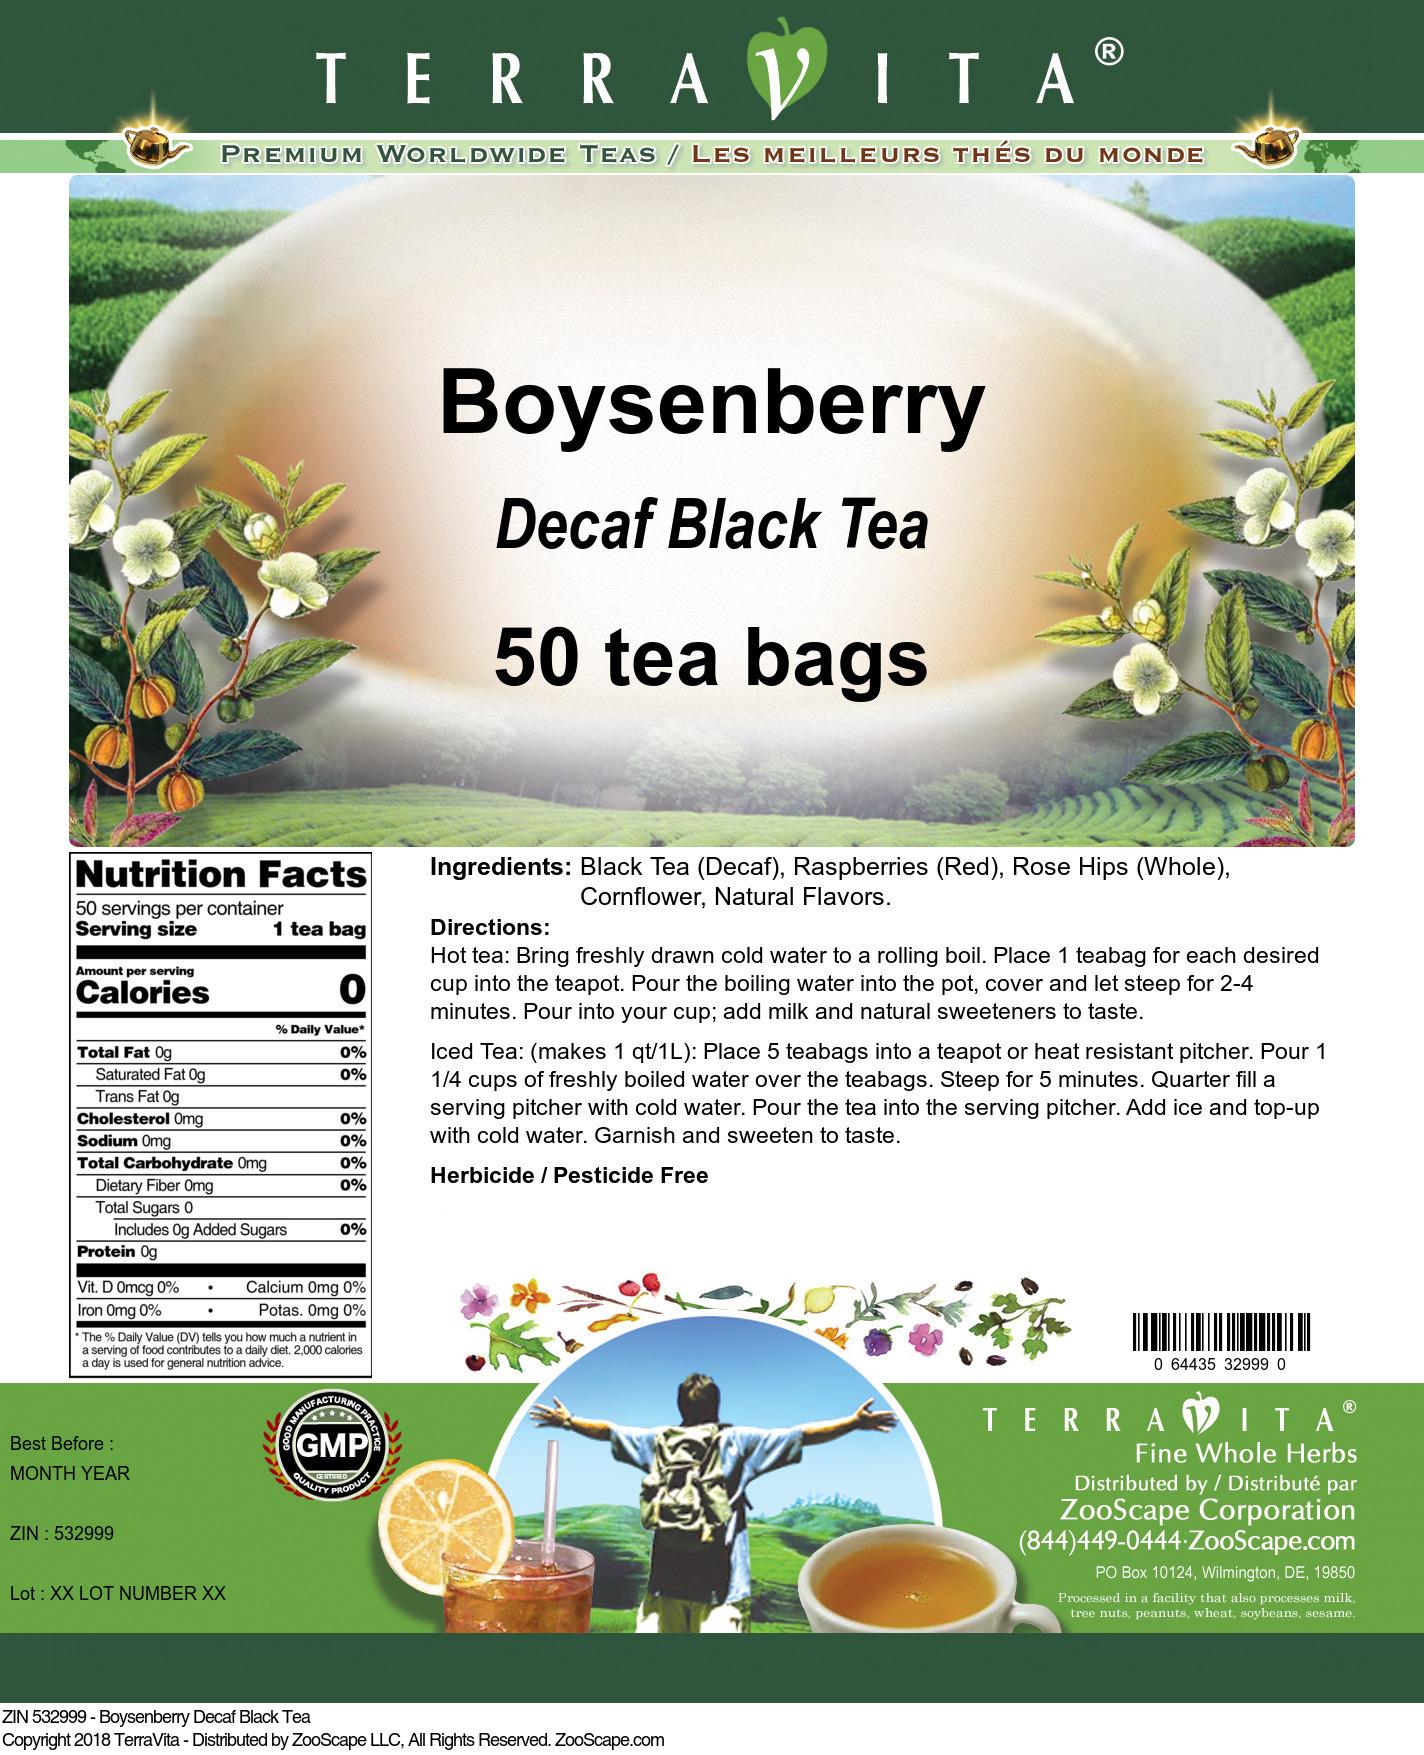 Boysenberry Decaf Black Tea